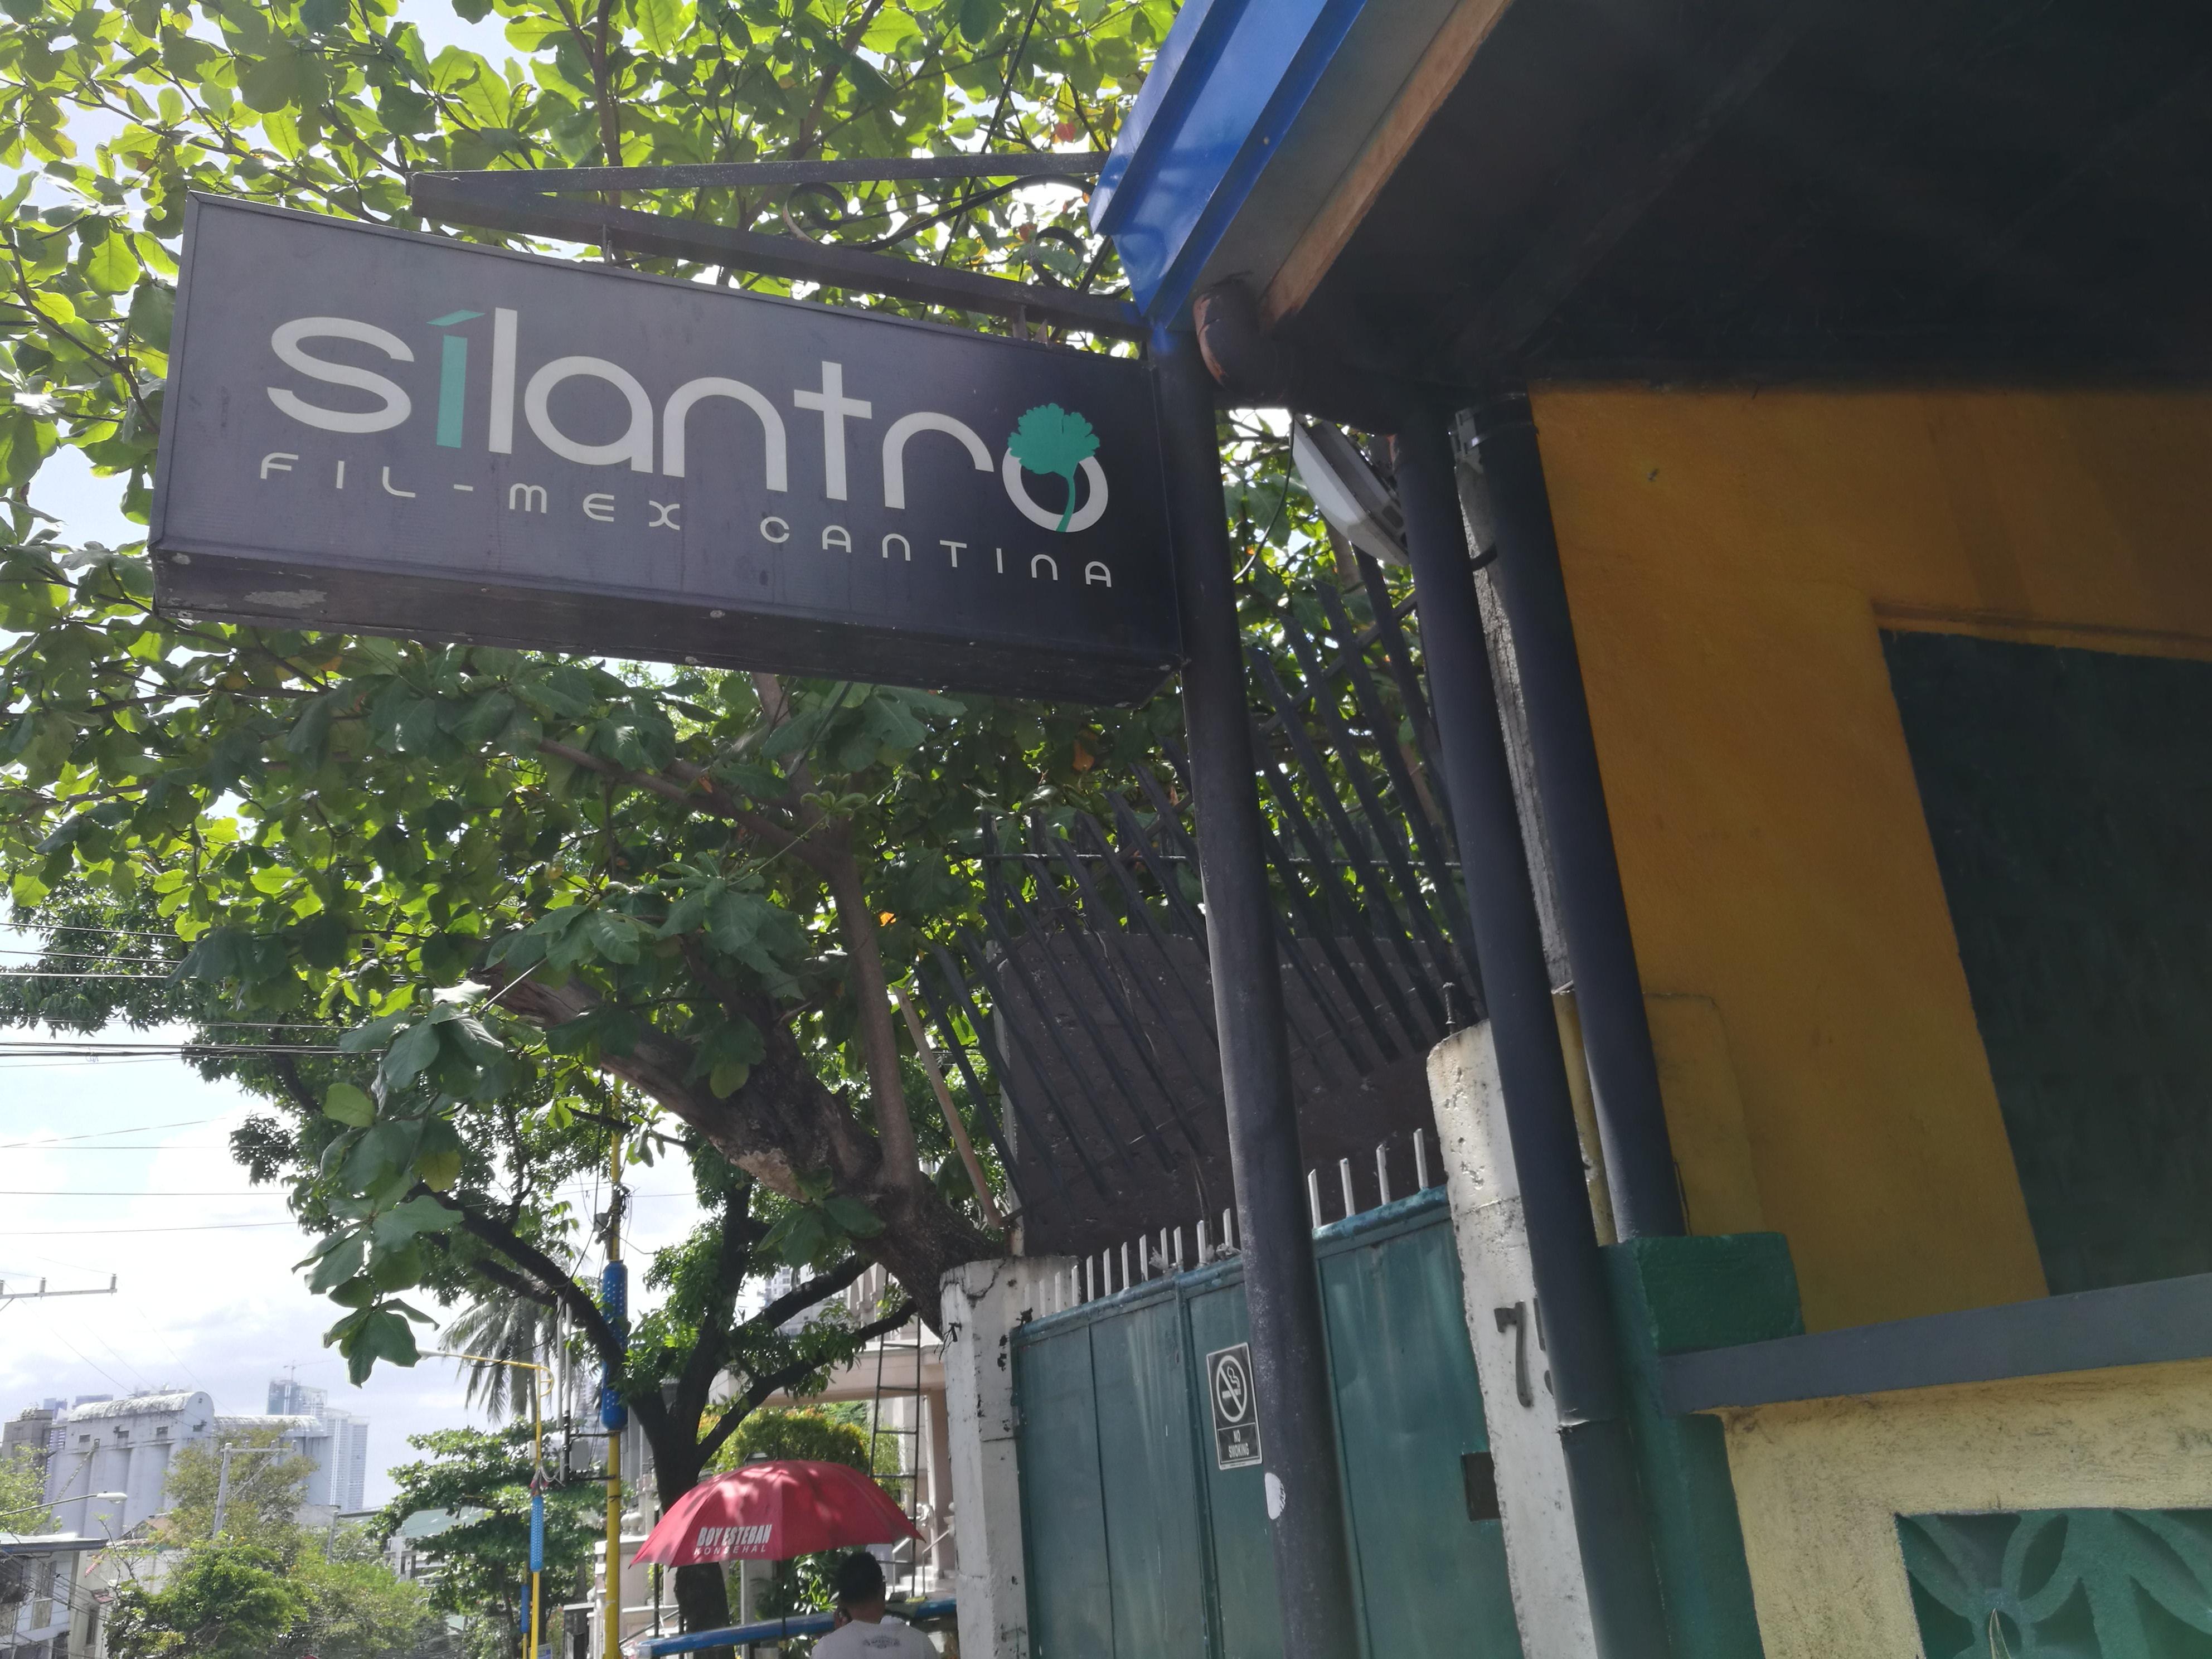 フィリピンで絶品メキシコ料理が食べられるお店「Silantro」